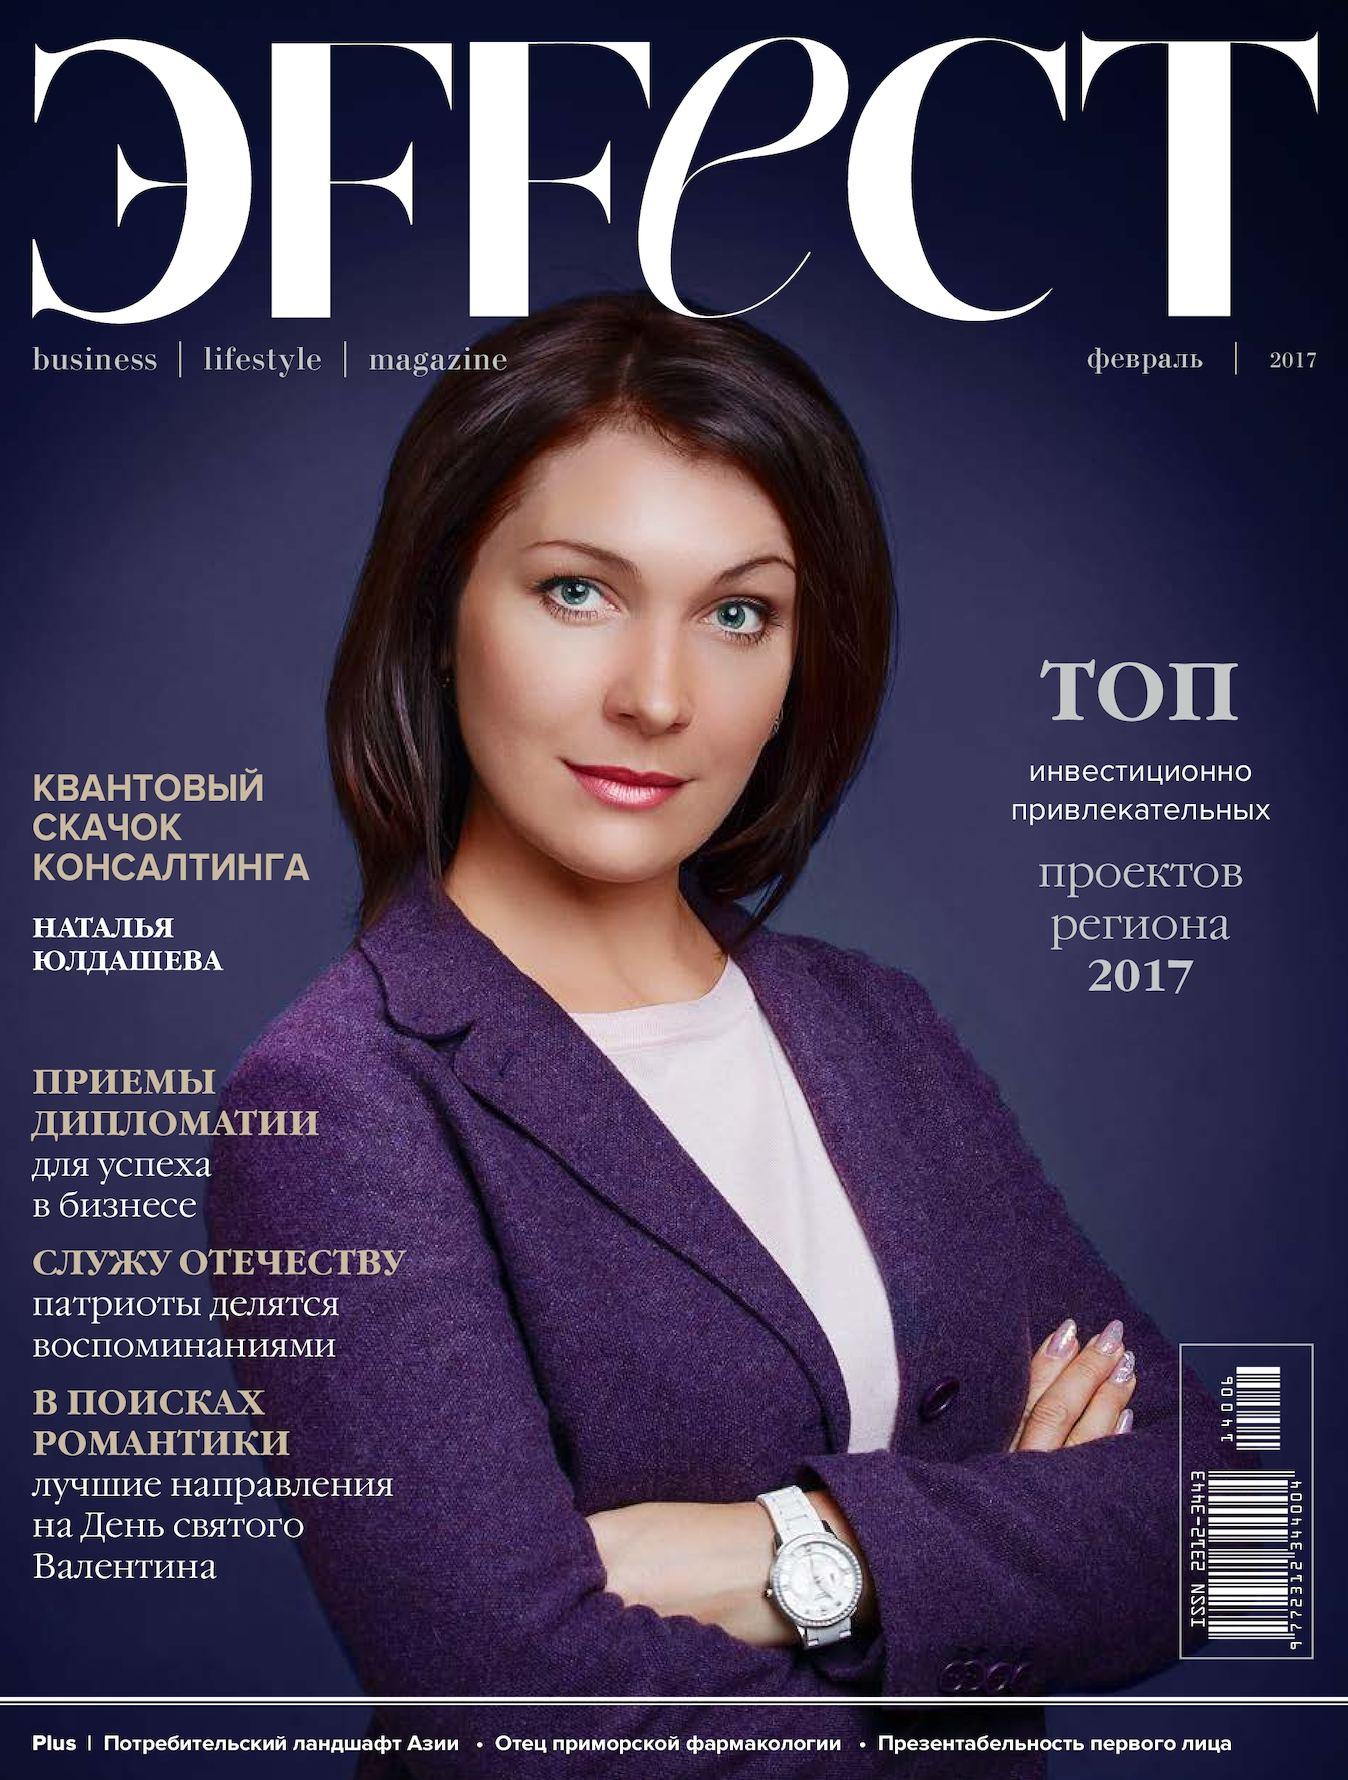 EFFECT magazine February 2017